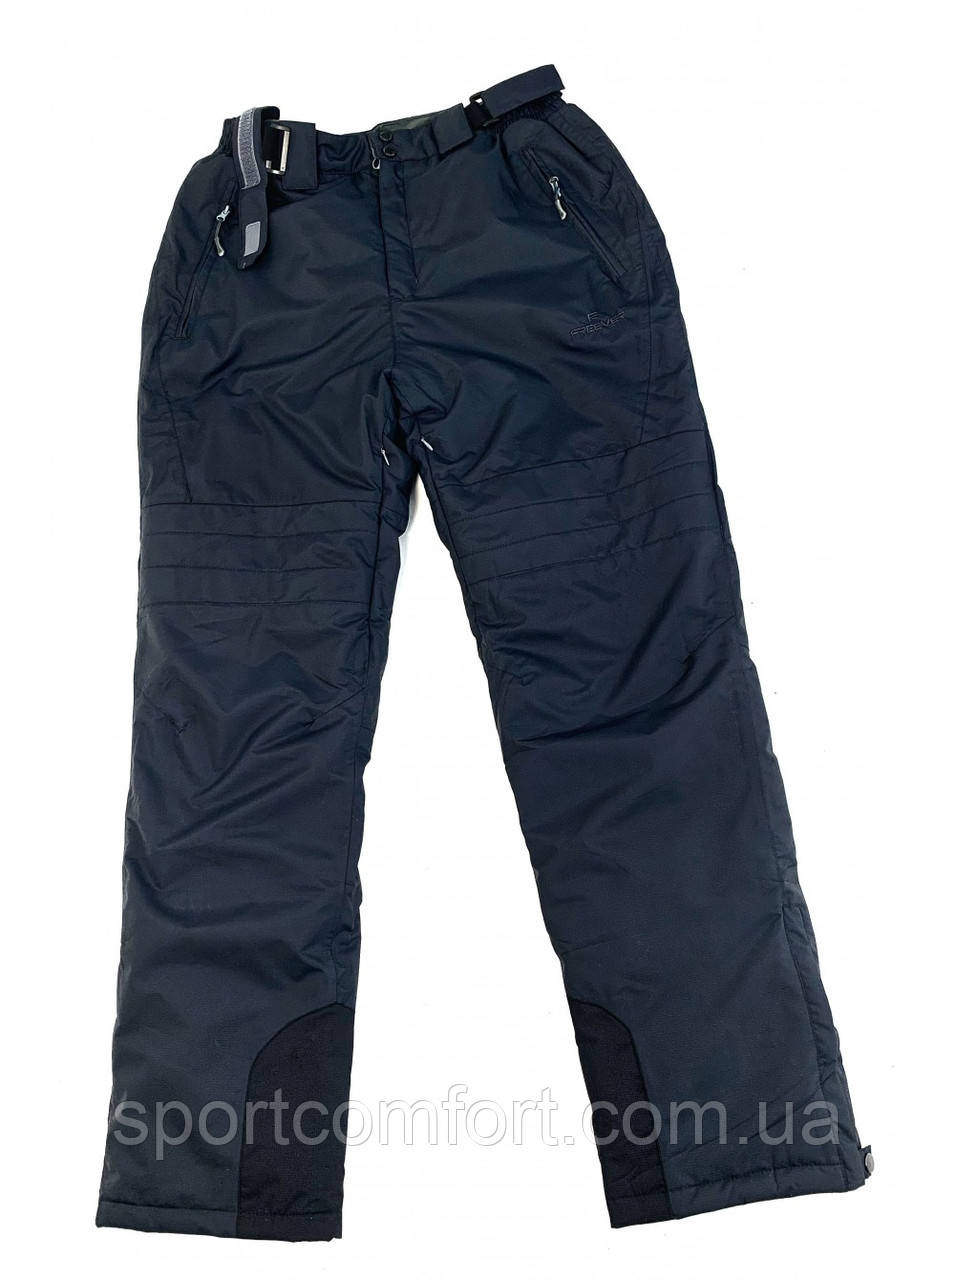 Чоловічі лижні штани Freever сині, сірі та чорні